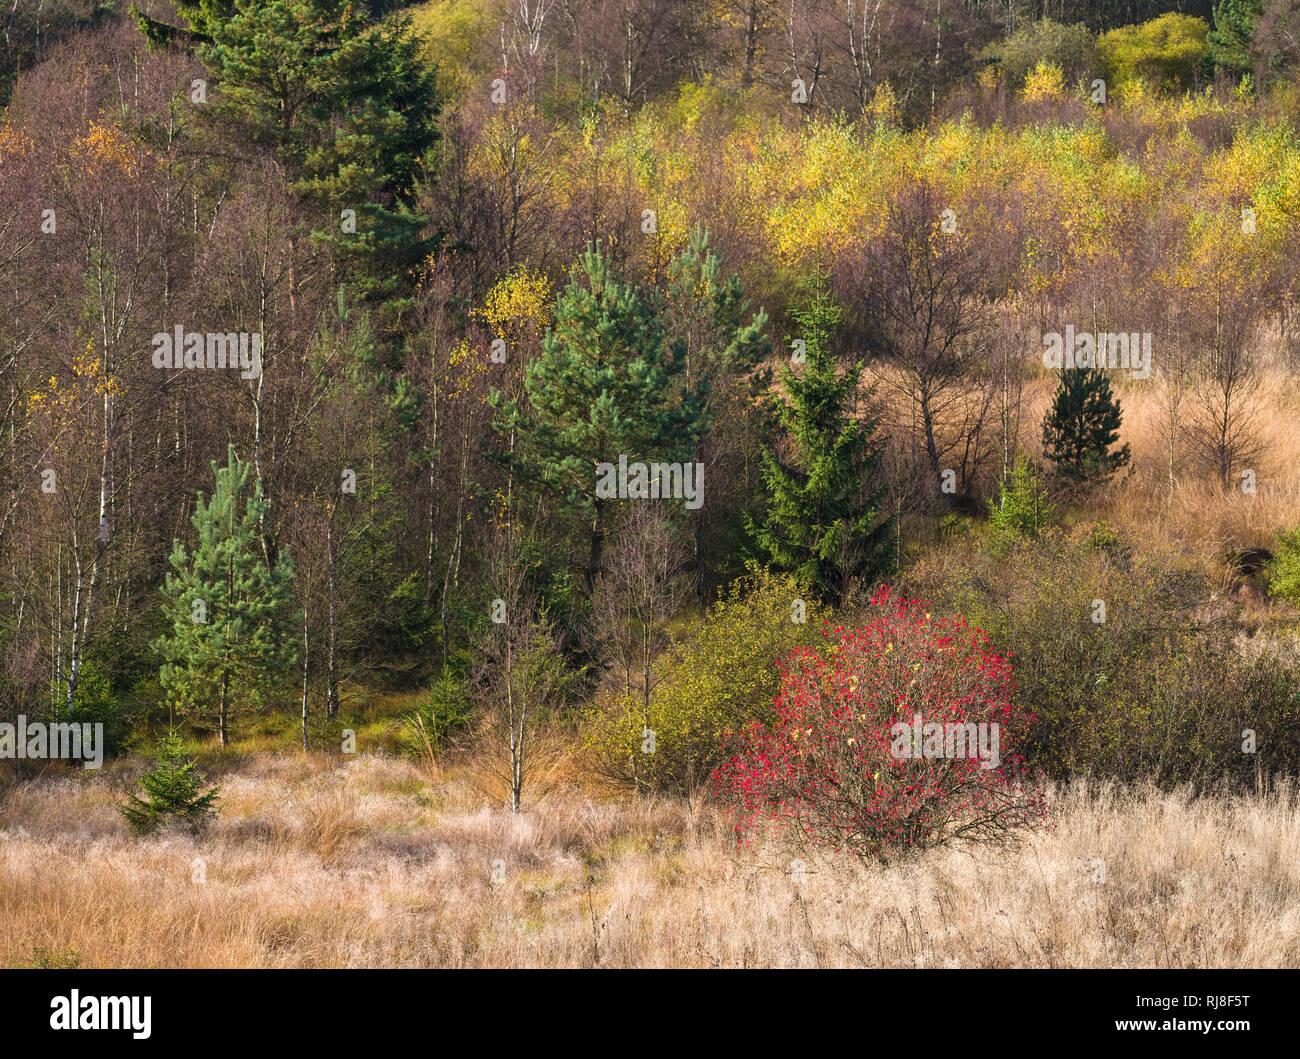 Deutschland, Bayern, Naturpark Bayrische Rhön, UNESCO-Biosphärenreservat, Naturschutzgebiet Schwarzes Moor, Moorgräser, Birken im Herbstlaub, Vogelbee Stock Photo